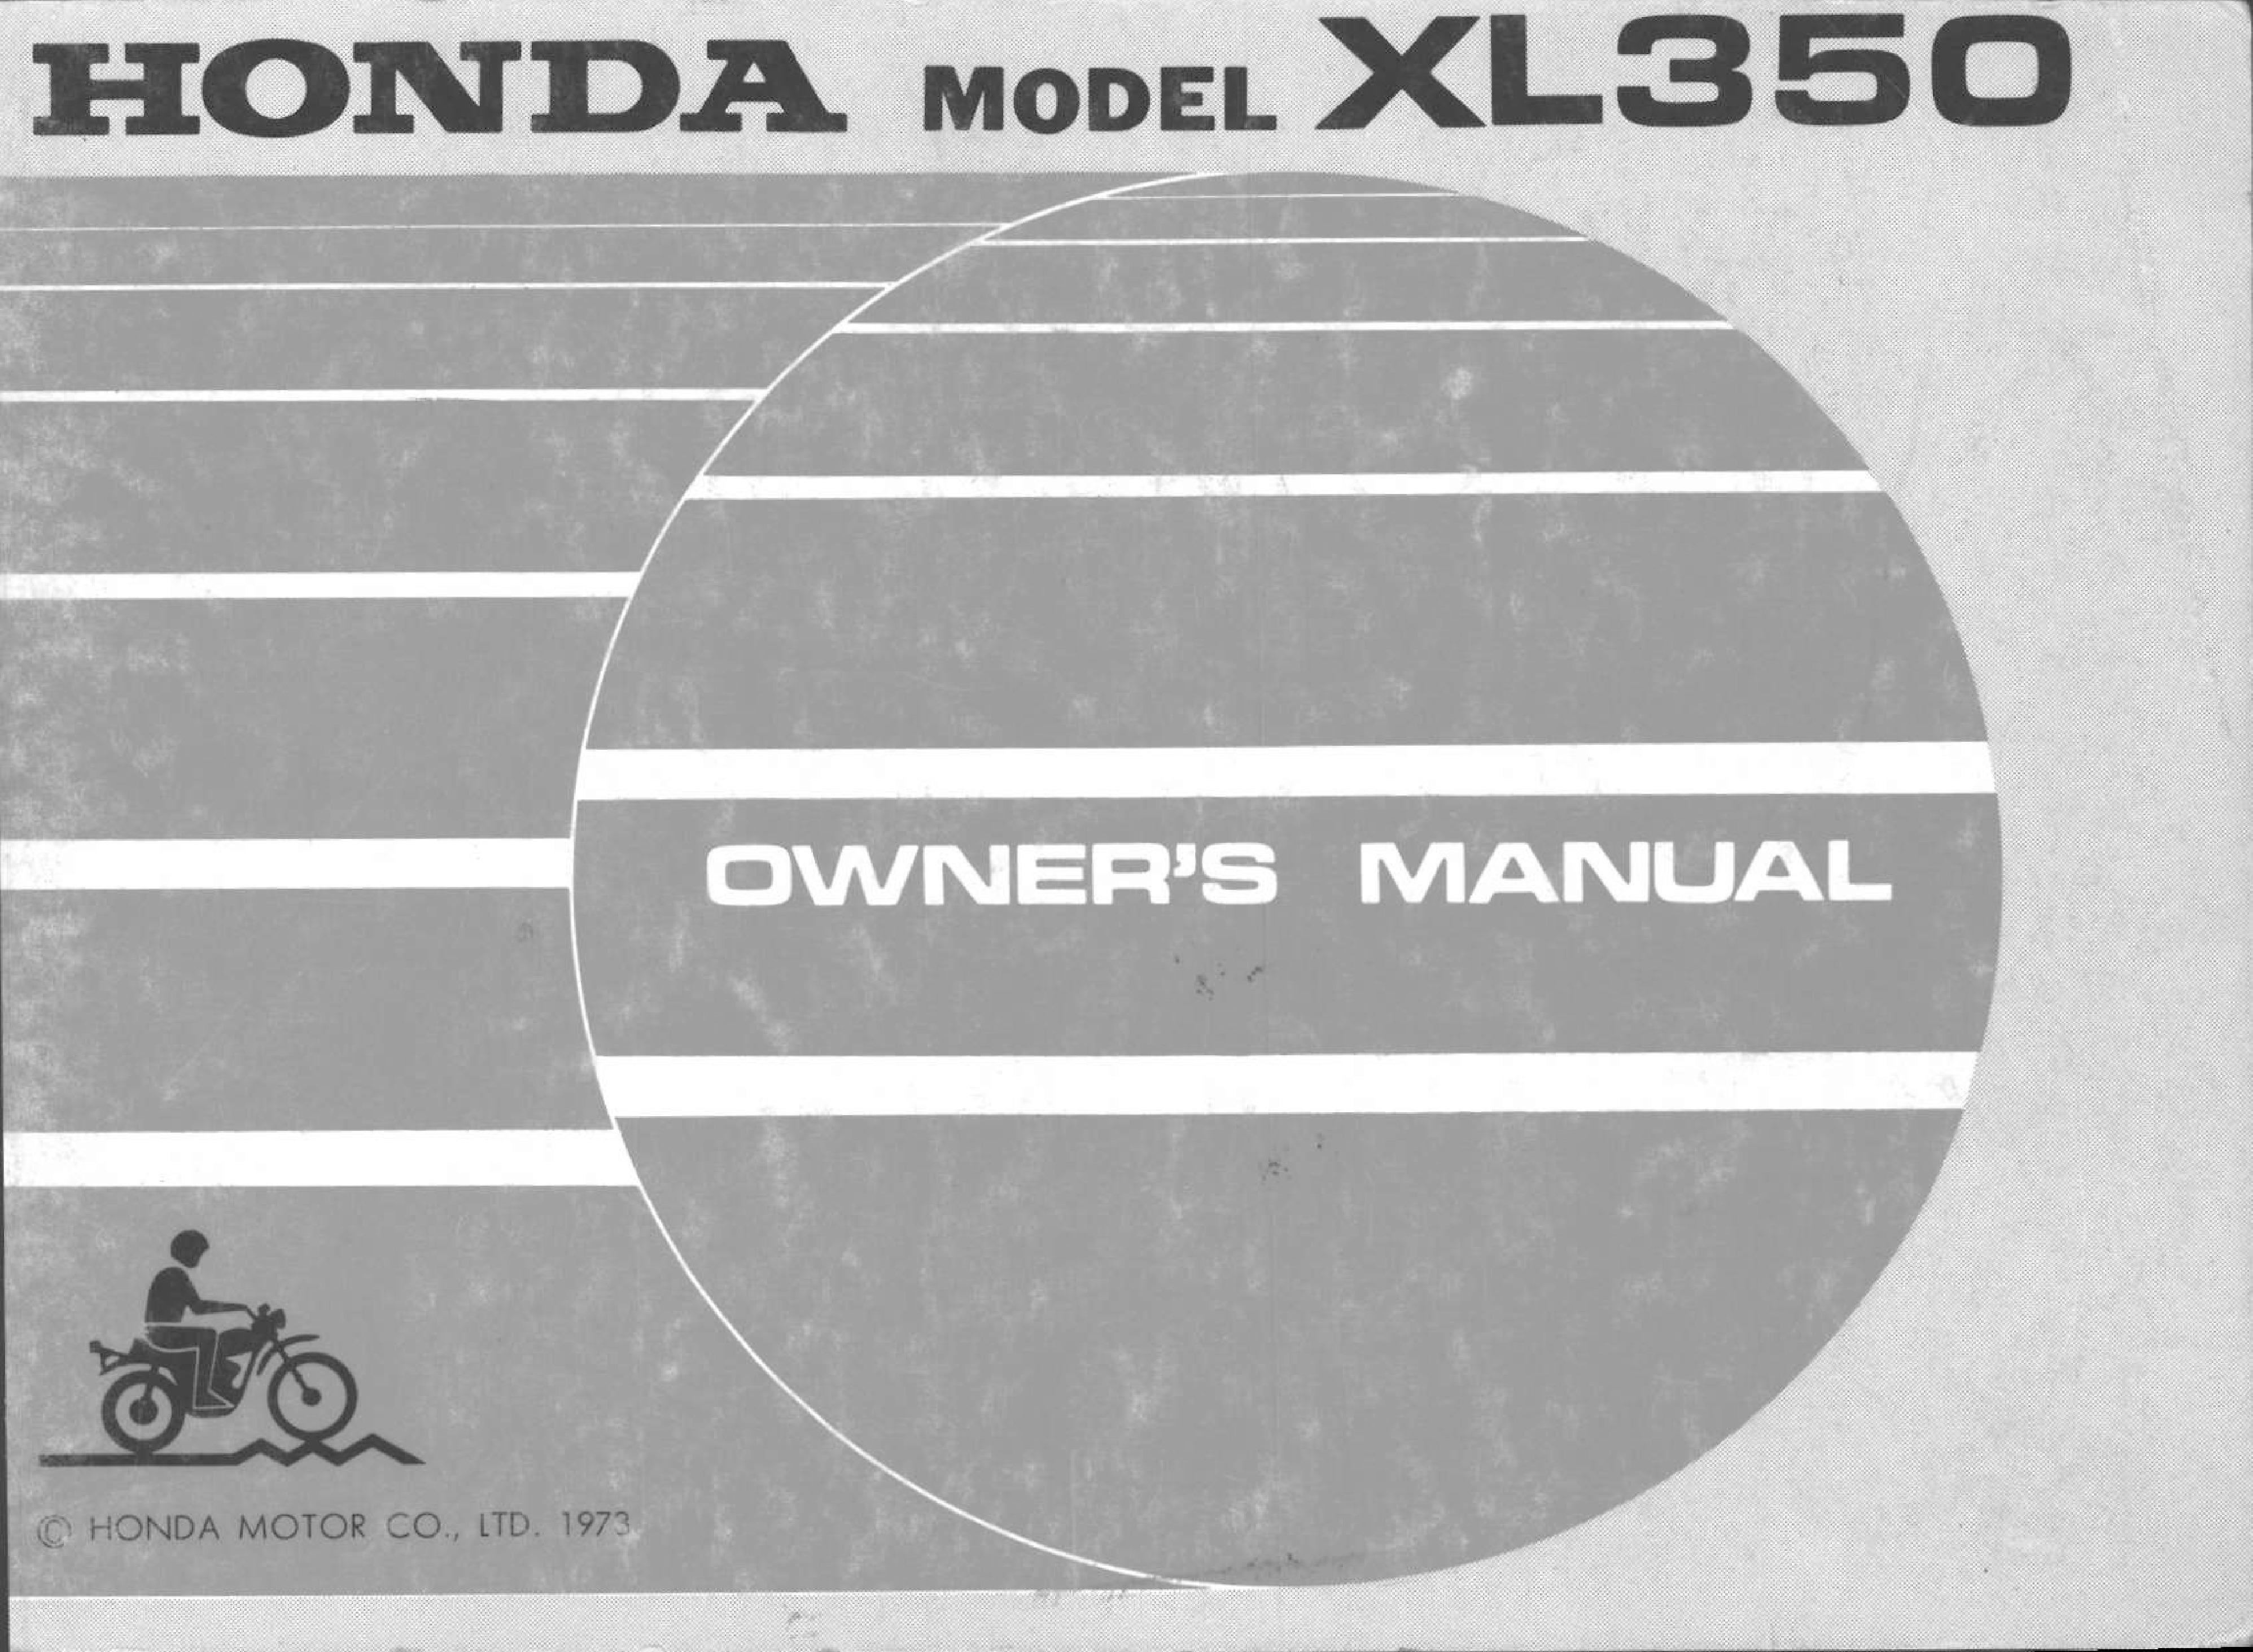 Owner's manual for Honda XL350 (1973)